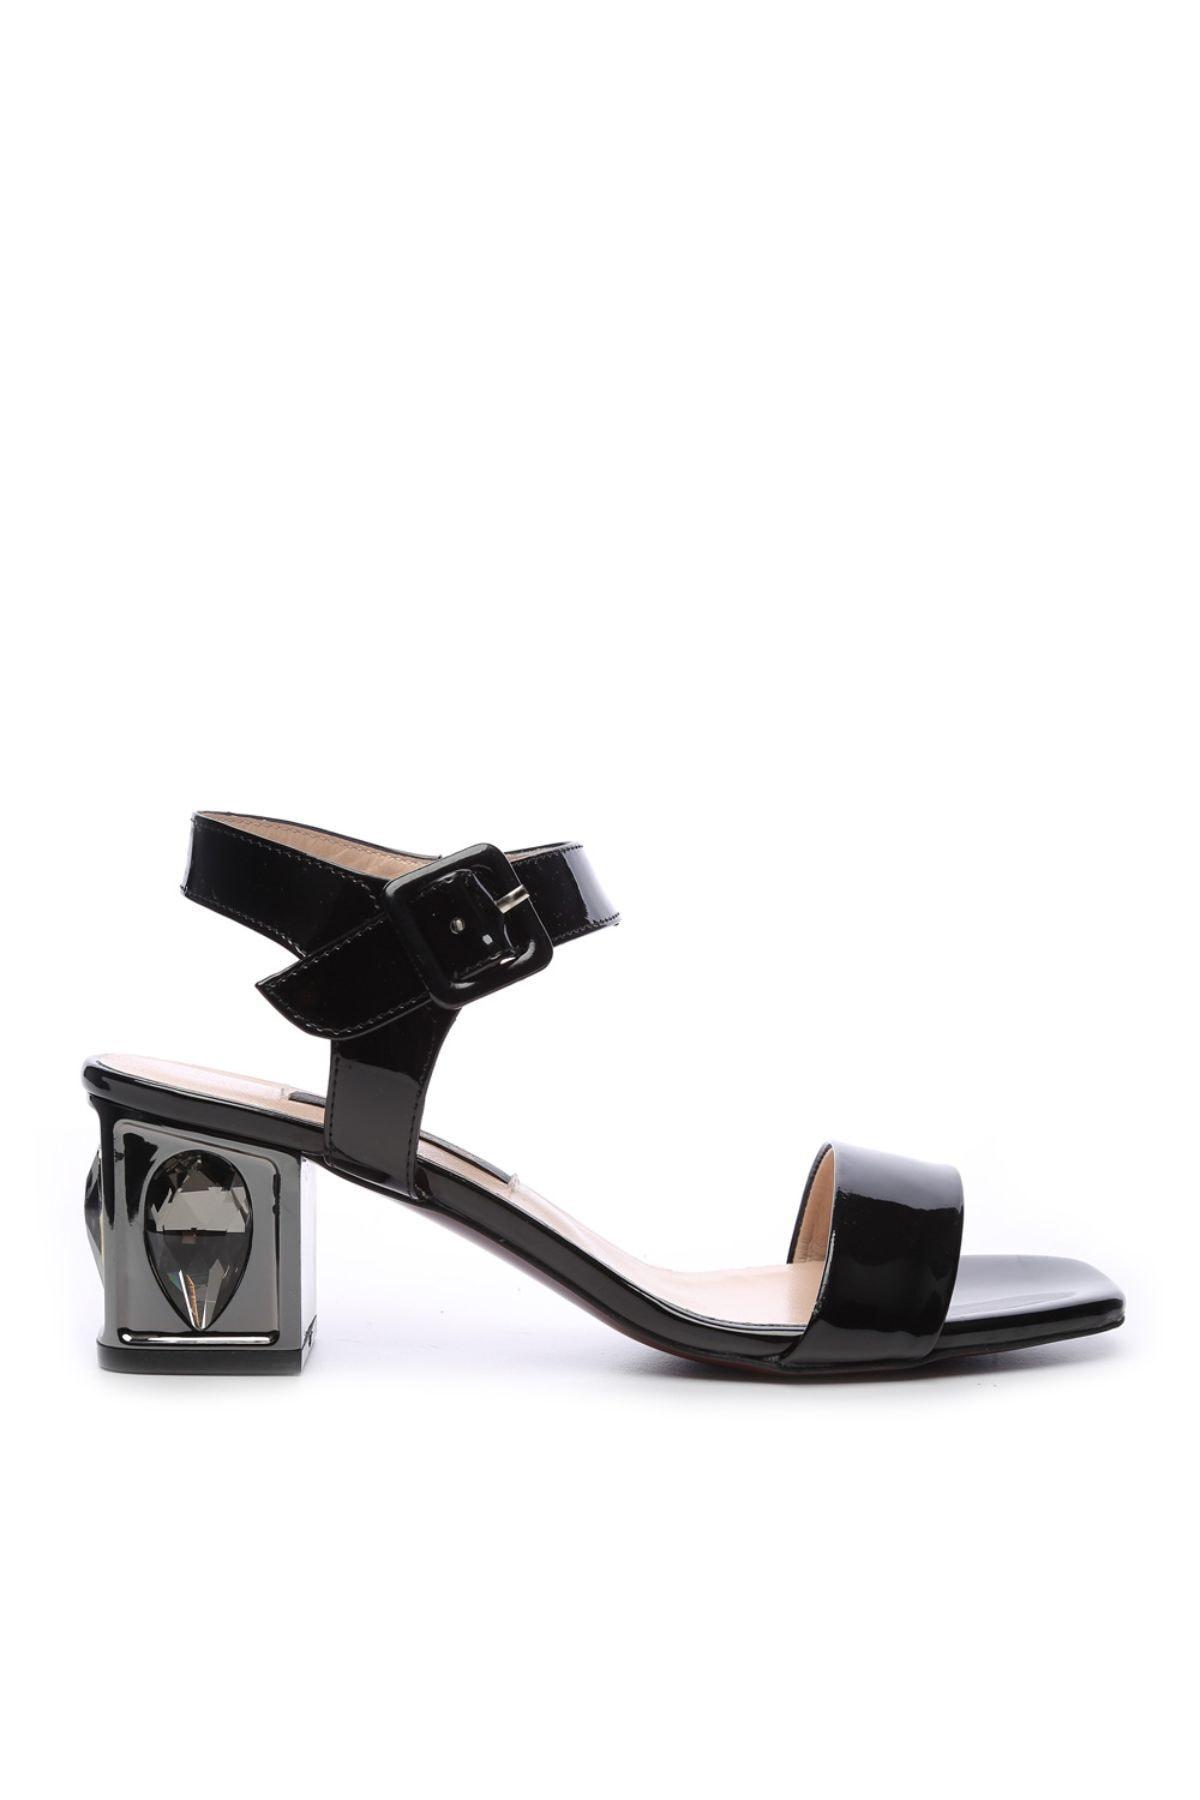 KEMAL TANCA Kadın Derı Sandalet Ayakkabı 51 2832 BN AYK Y19 1